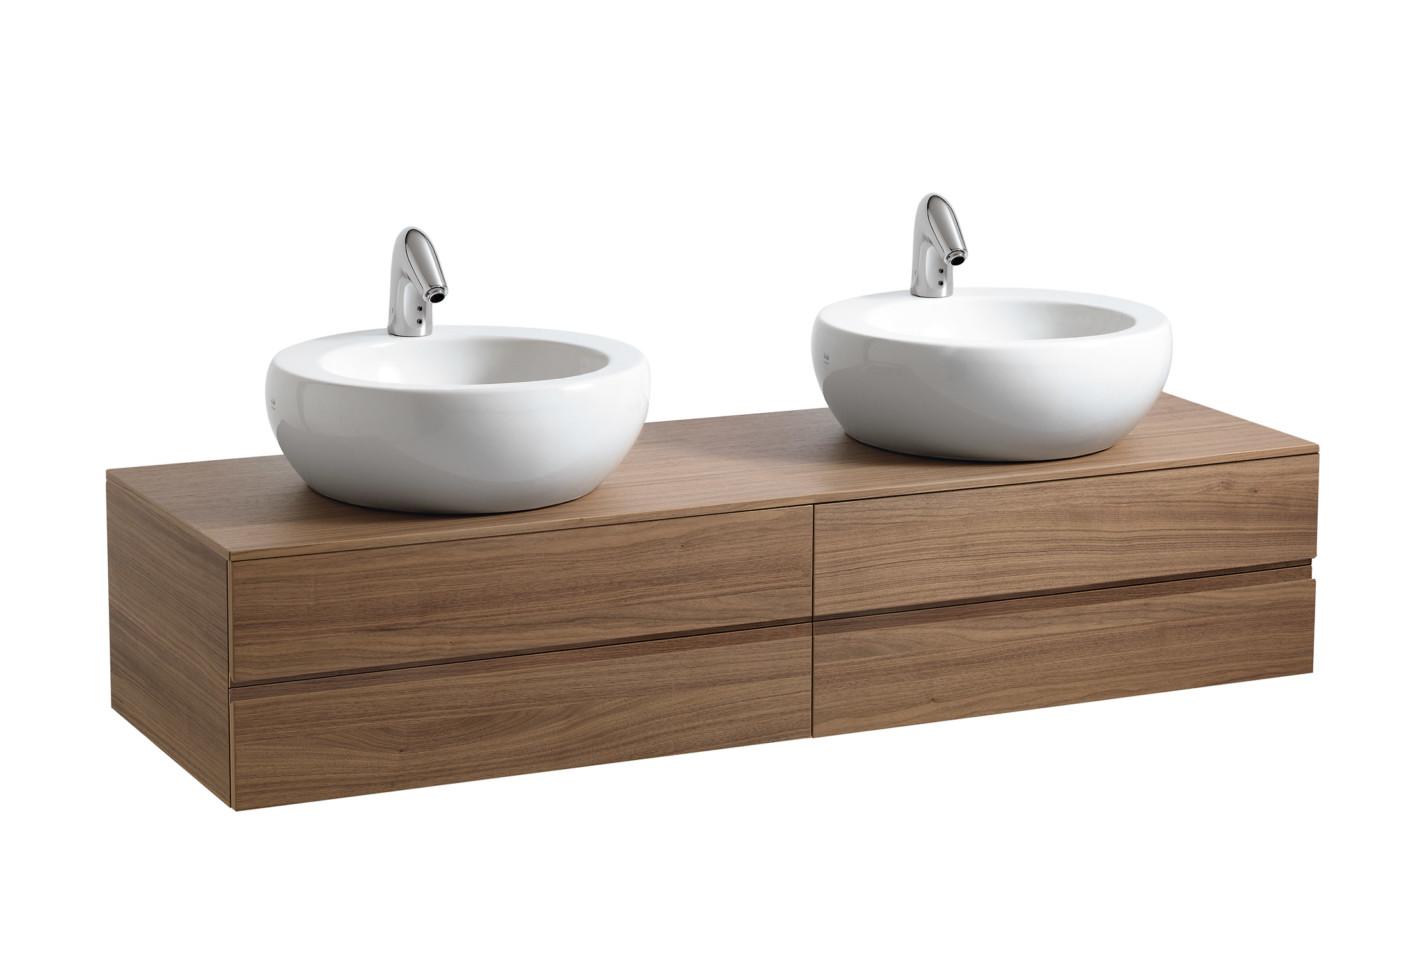 Il bagno alessi one double washbasin bowl by laufen - Il bagno magazine ...